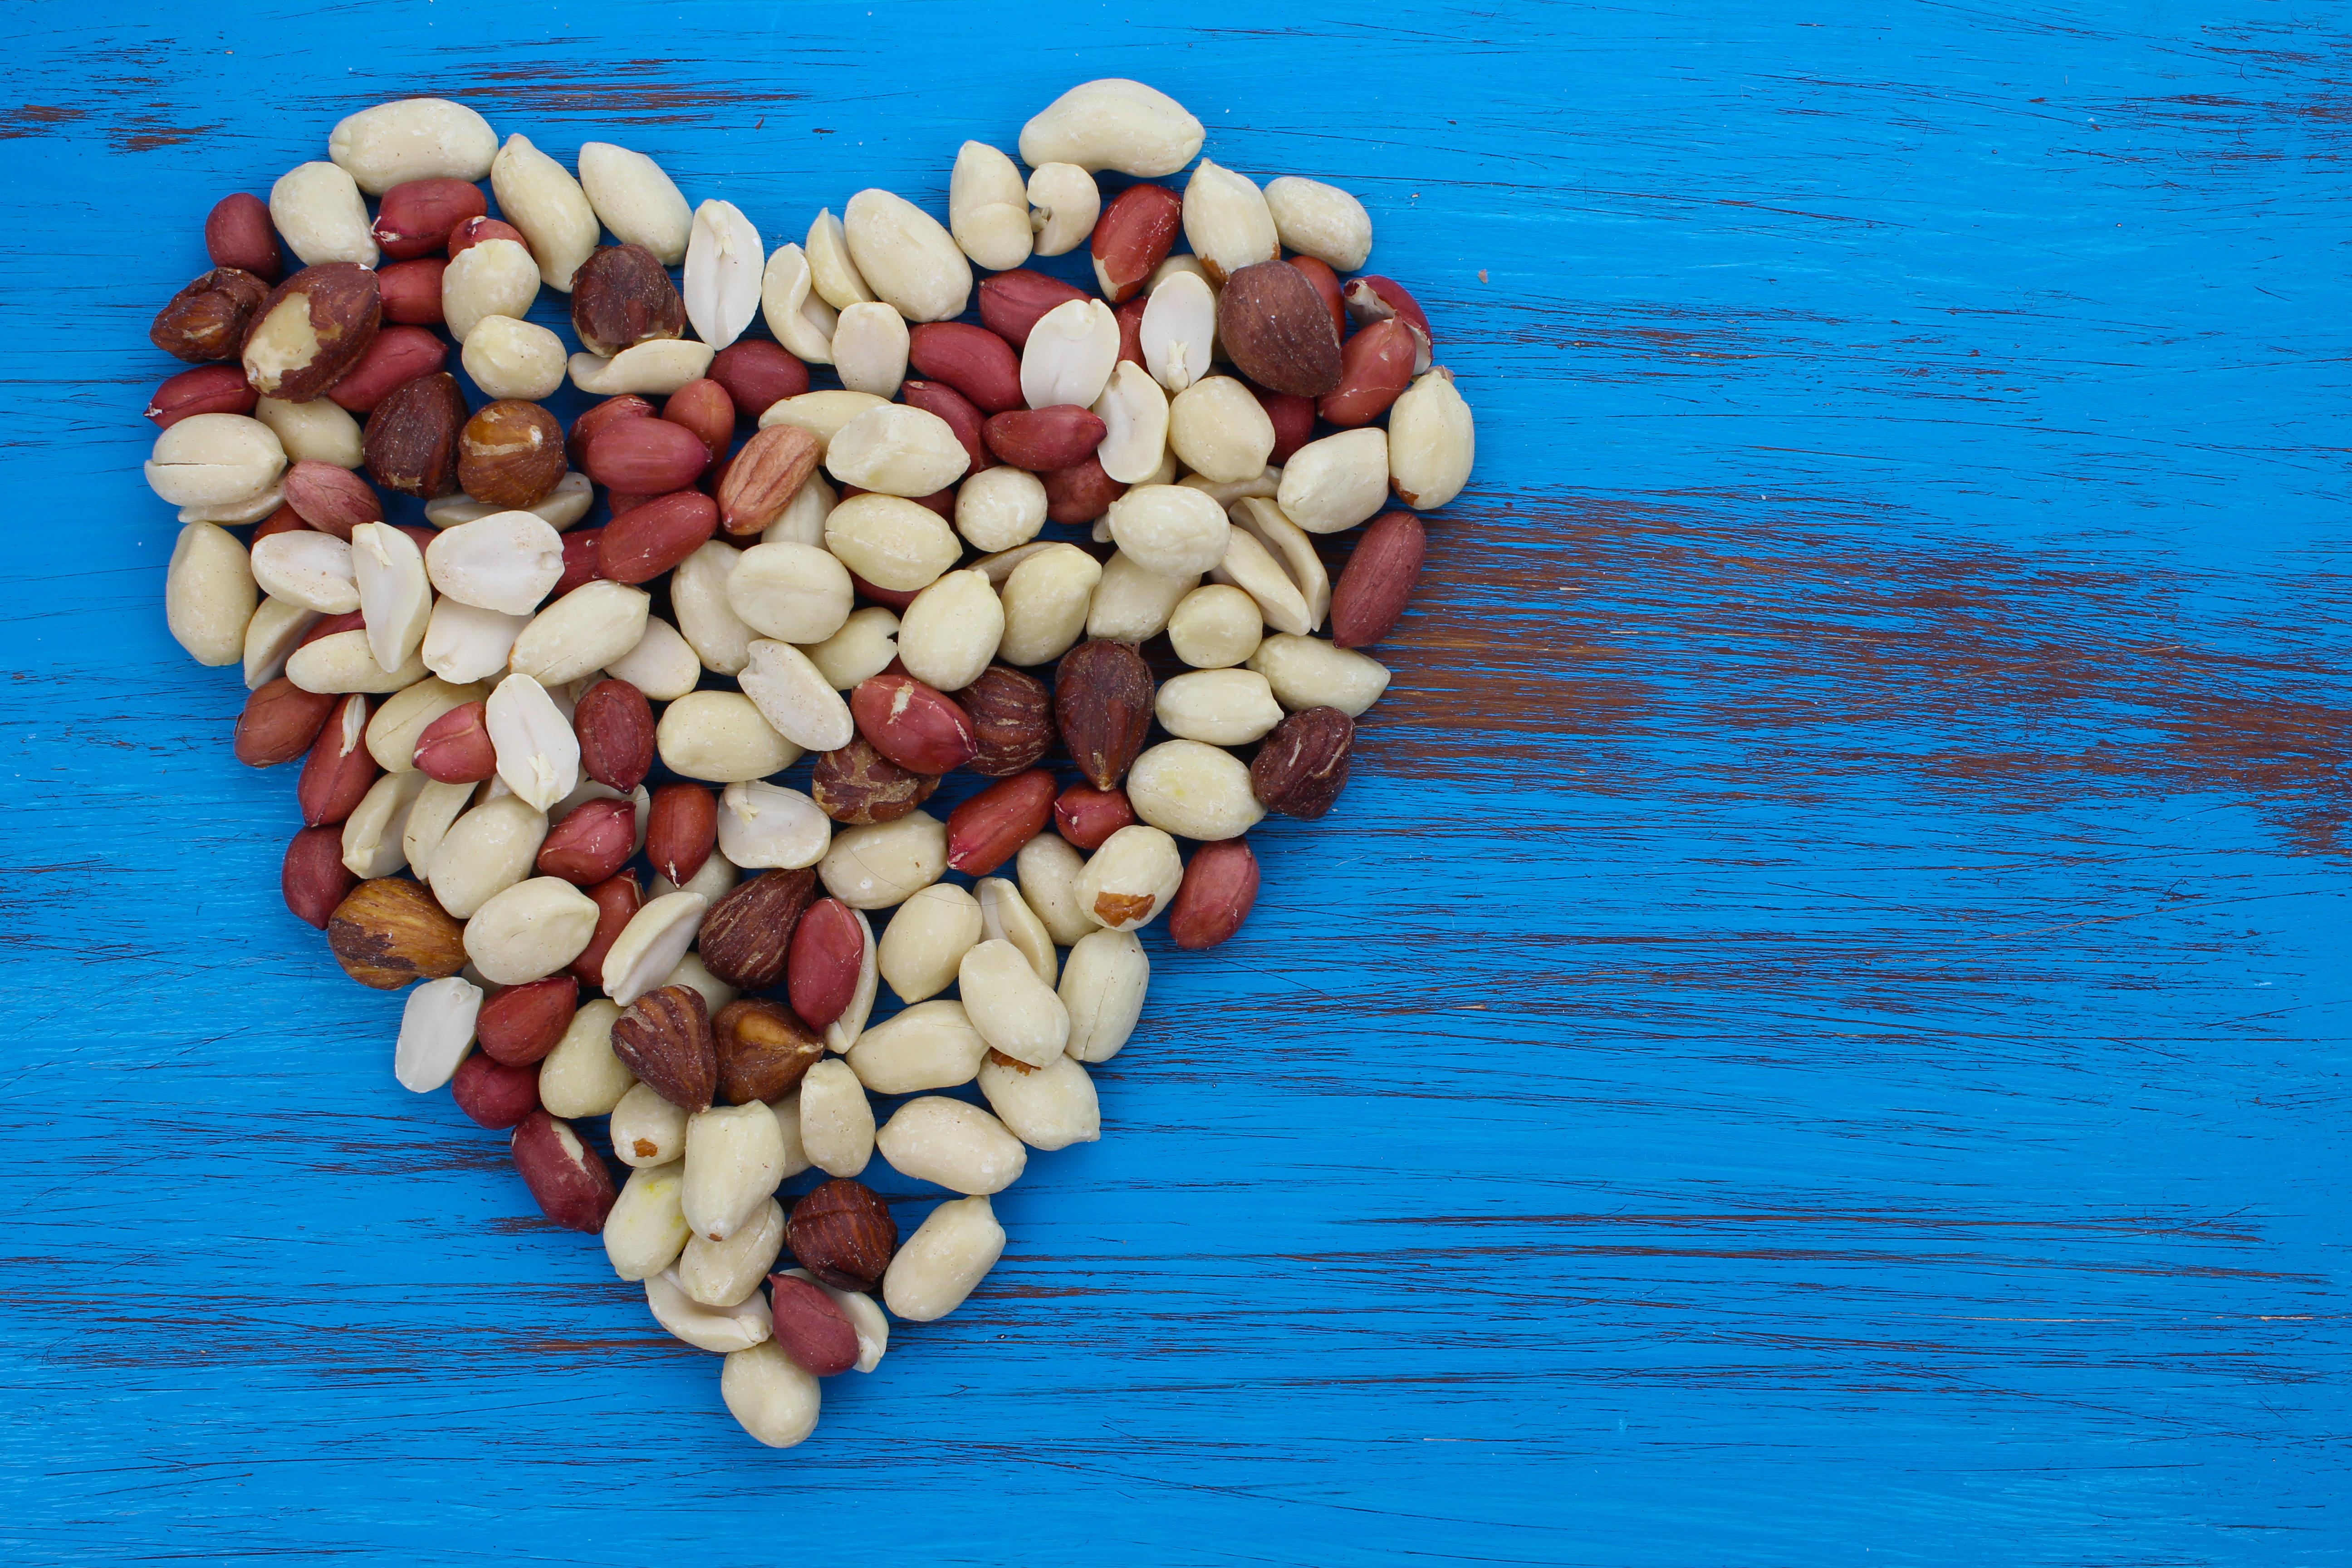 Det tycks finnas samband mellan intag av jordnötter och att leva längre. Det gäller naturligtvis inte jordnötsallergiker, där jordnötter kan innebära livsfara.